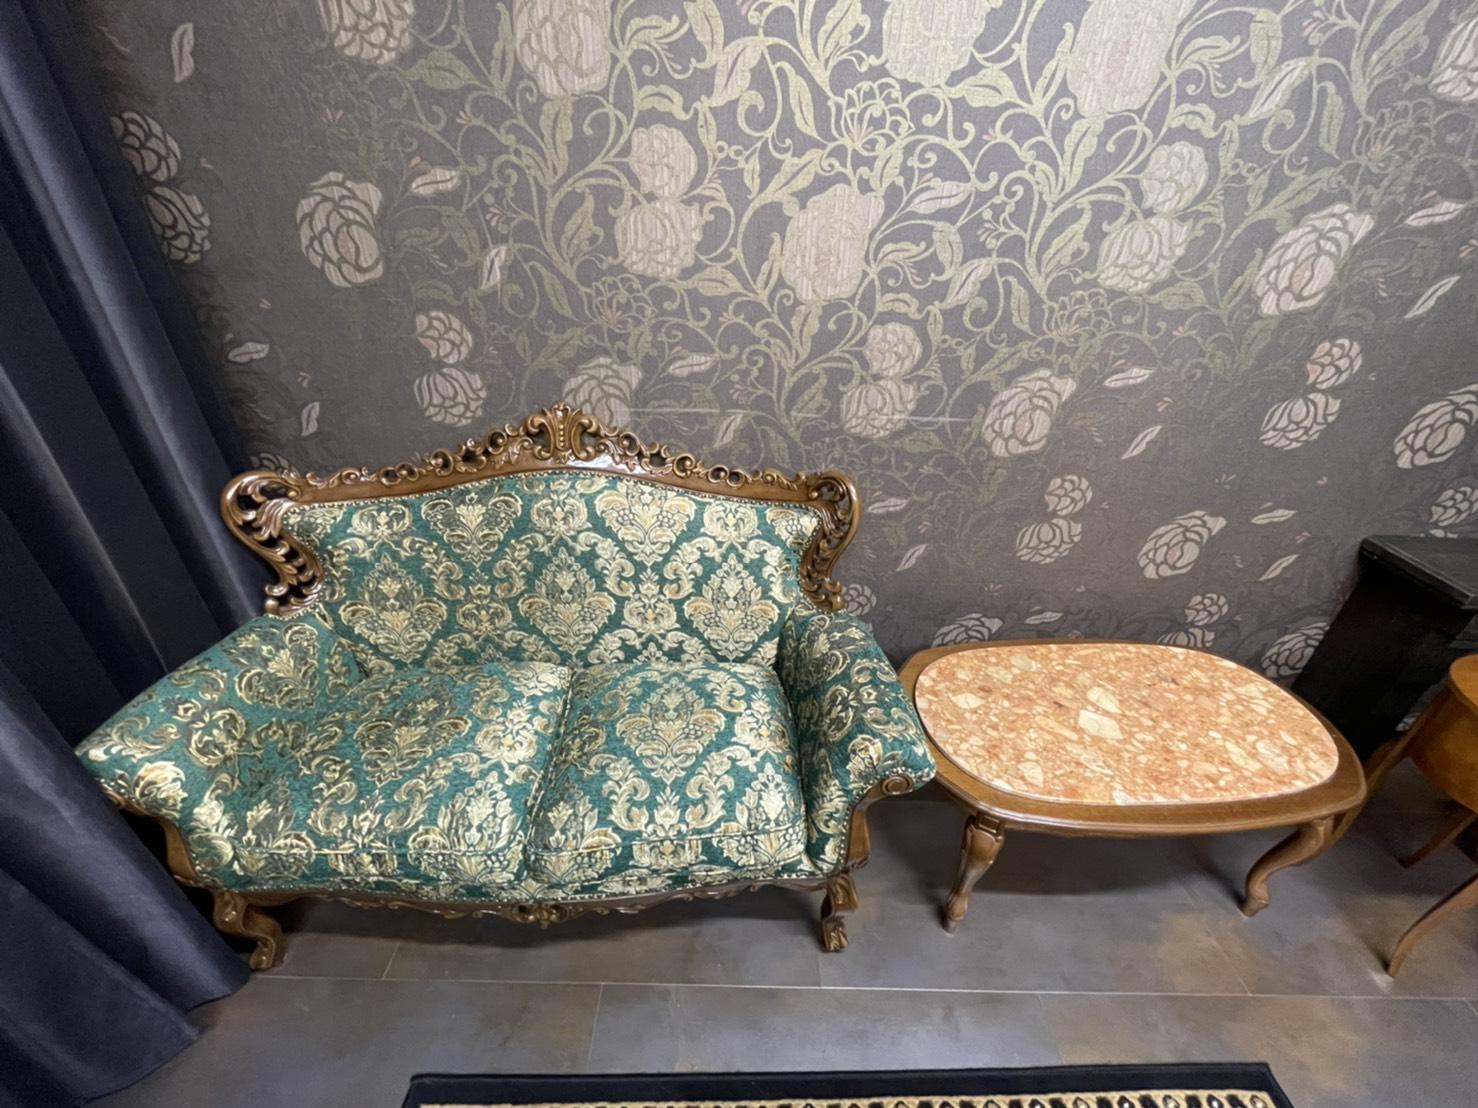 無料レンタル品の豪華なソファー - ココスタジオ 黒・グレー2種類の撮影ルームの室内の写真